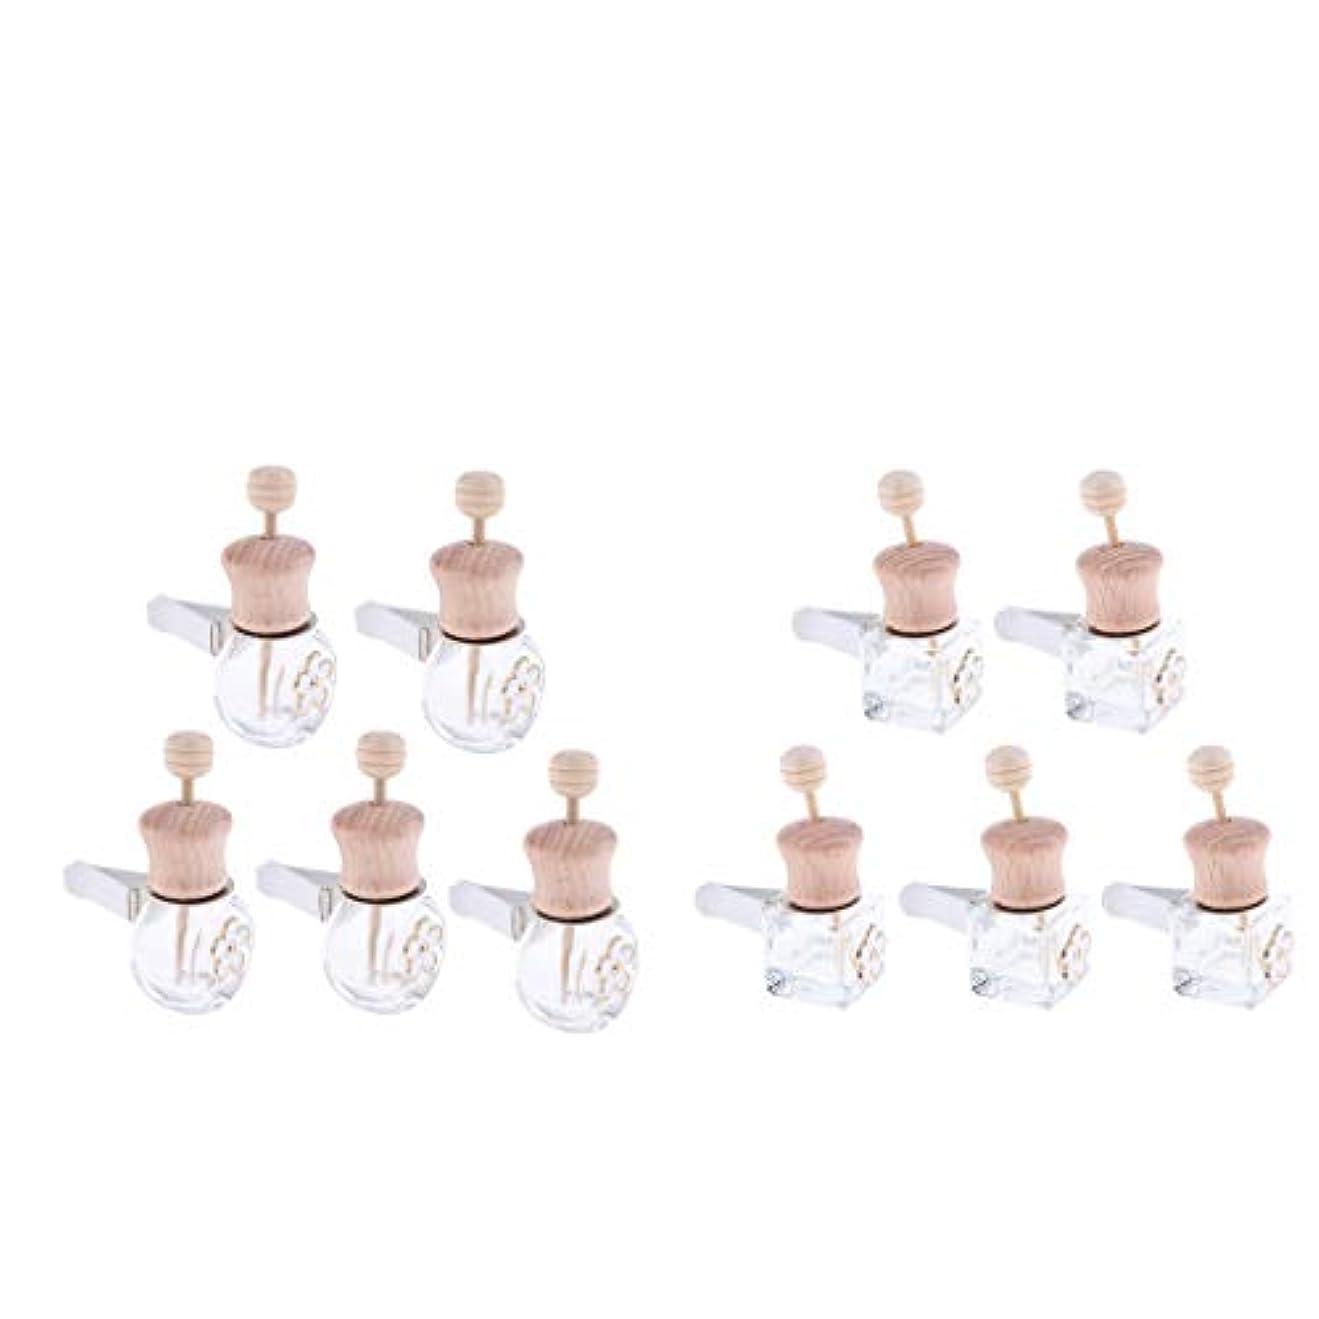 プレゼンタースナップ教育SM SunniMix 車 香水ボトル 詰め替え式 ディフューザー 8ml+6ml 装飾 雰囲気 作り出す 10個入